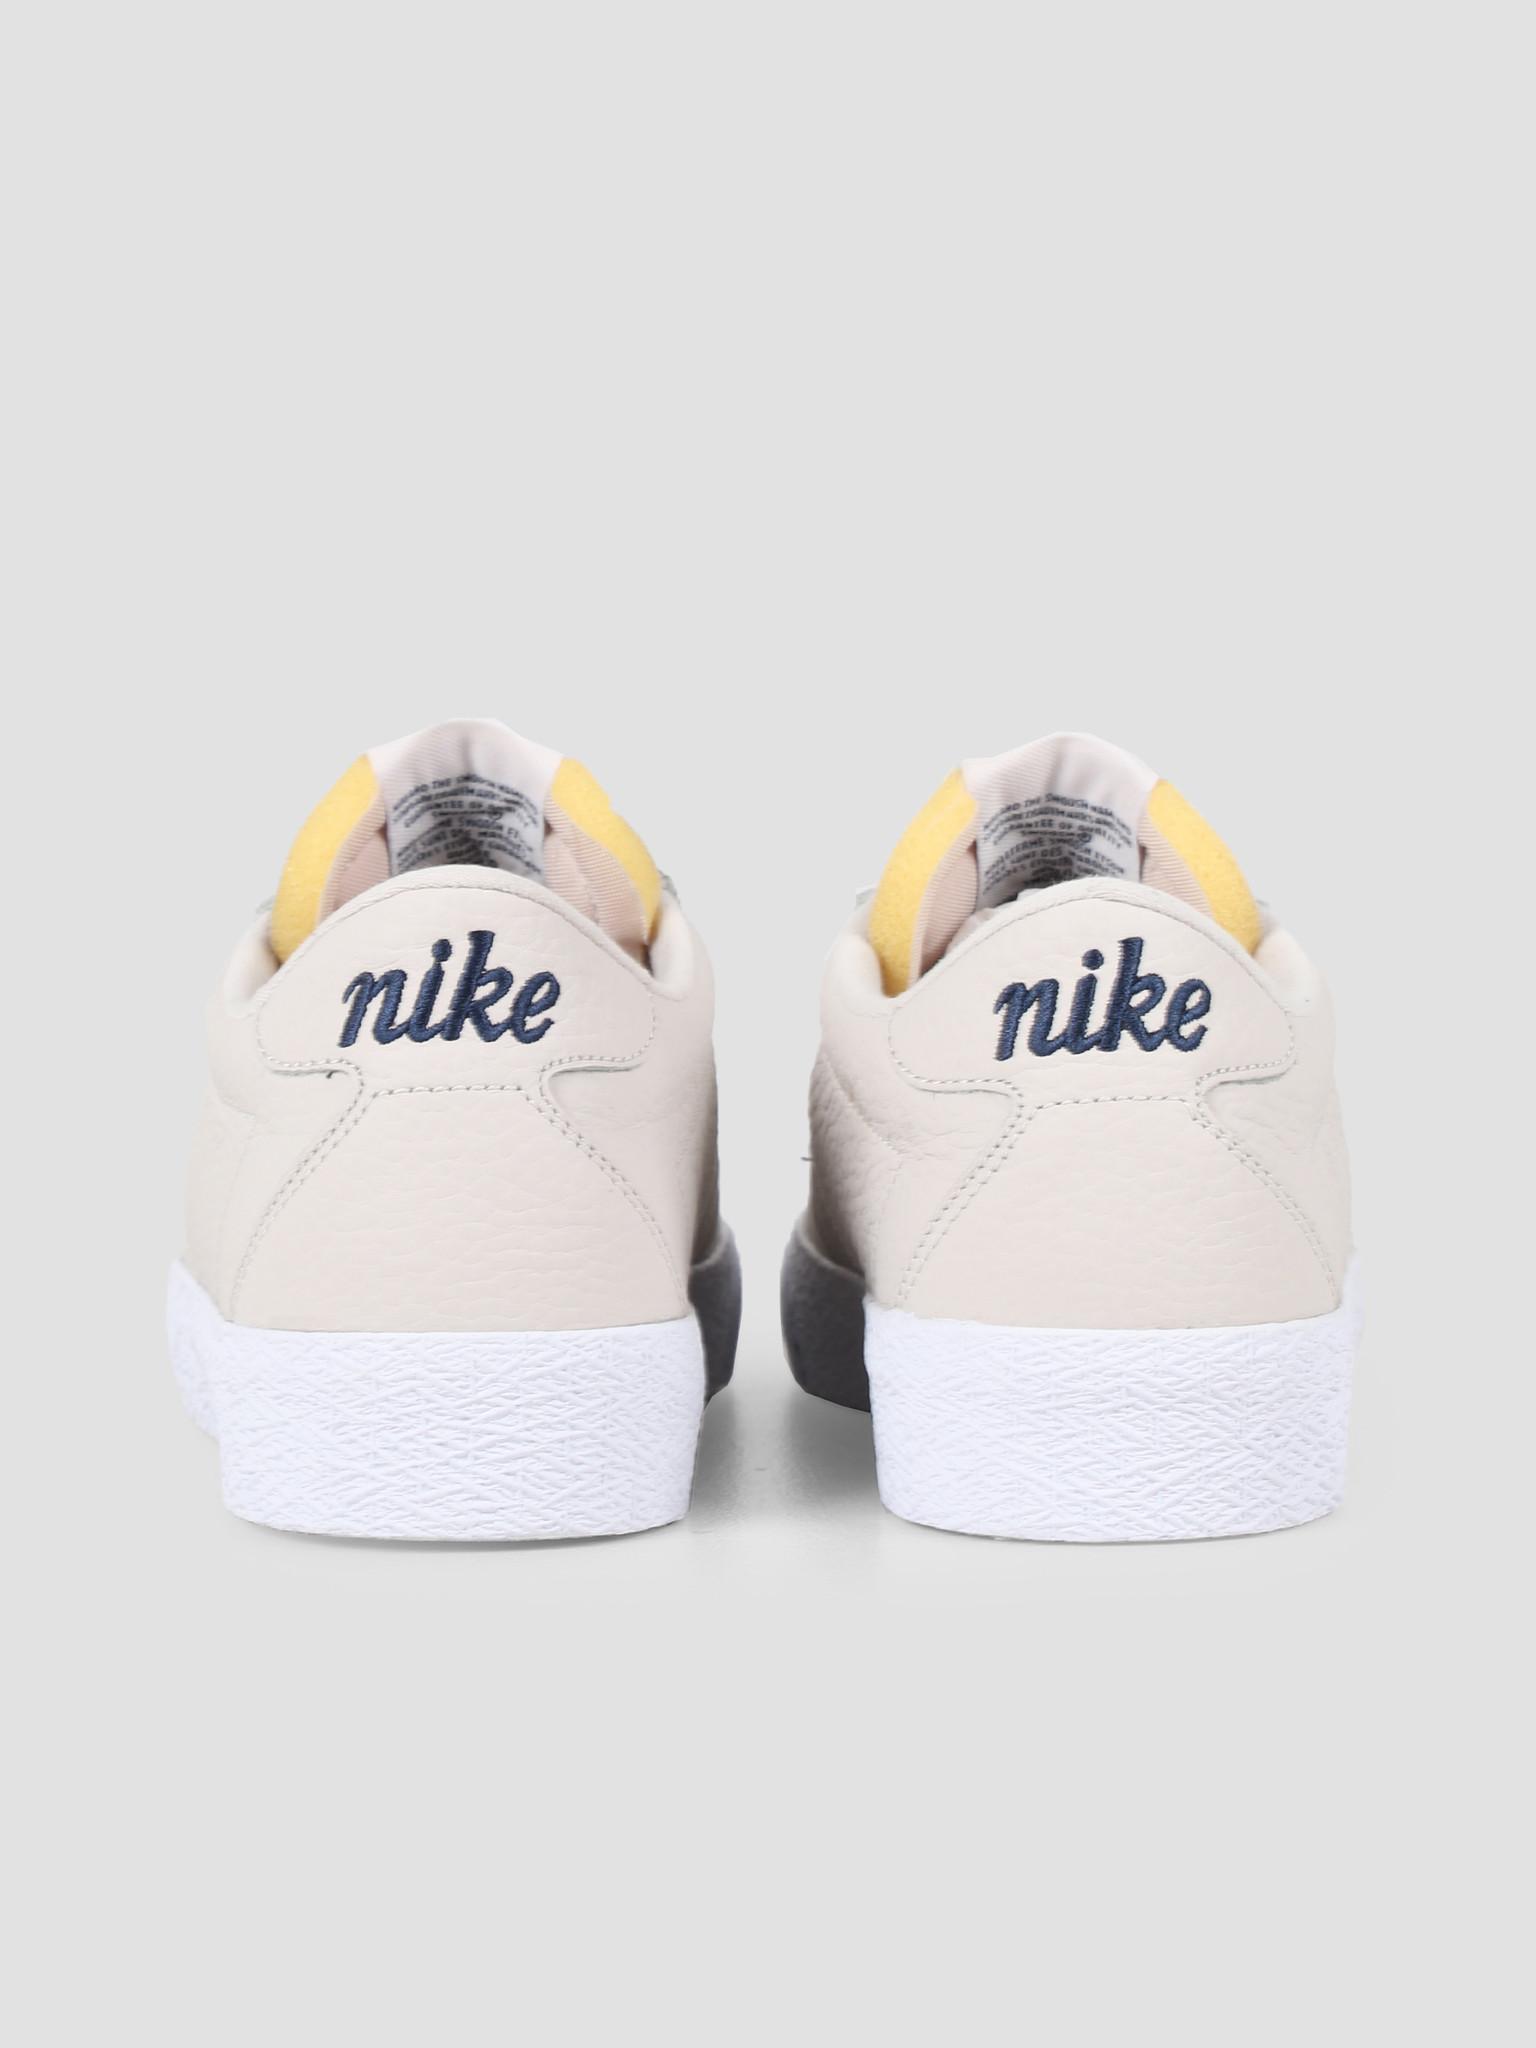 Nike Nike SB Zoom Bruin Desert Sand Obsidian AQ7941-006